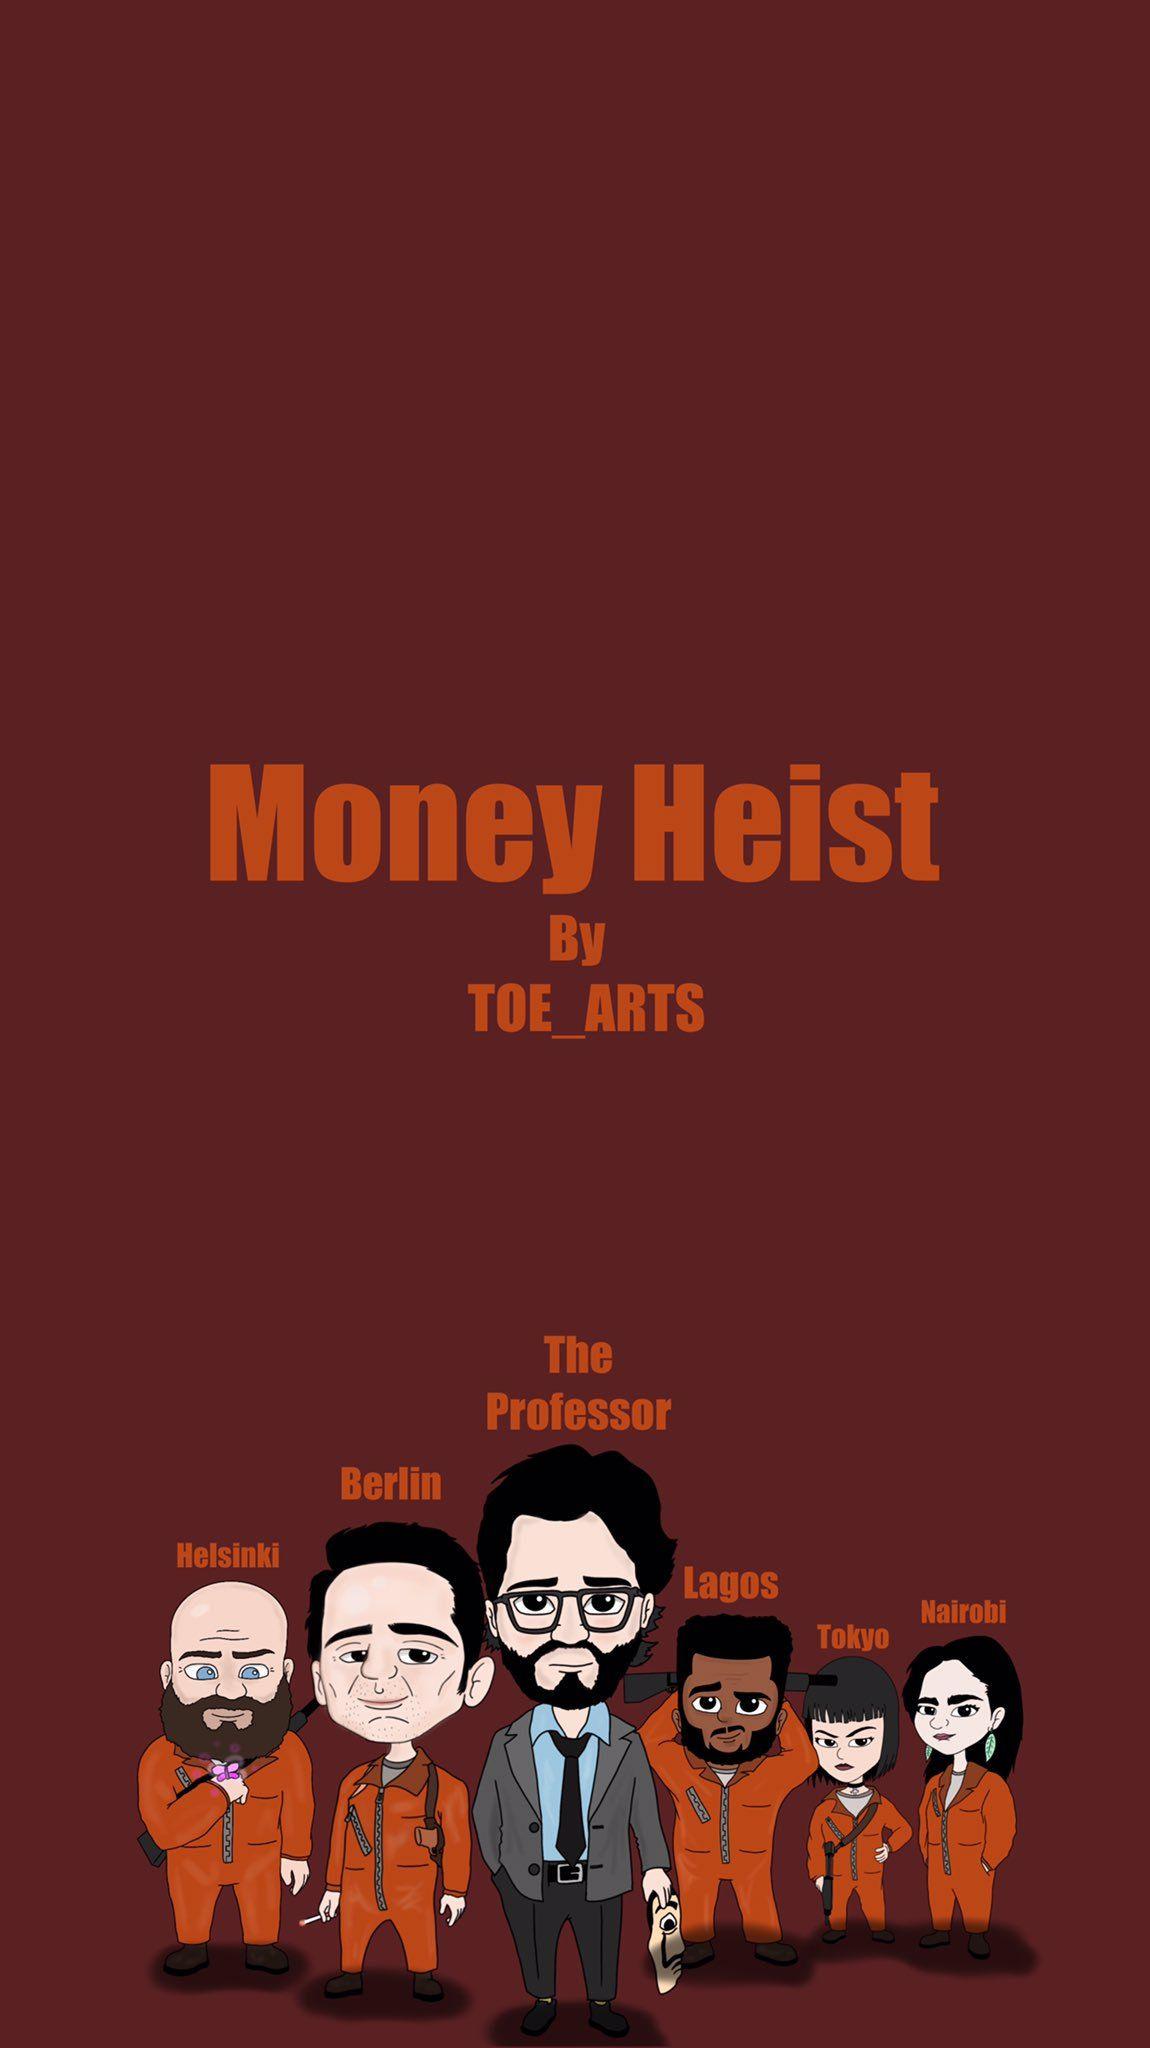 Cool Money Heist Cartoon Wallpapers Wallpaper Cave